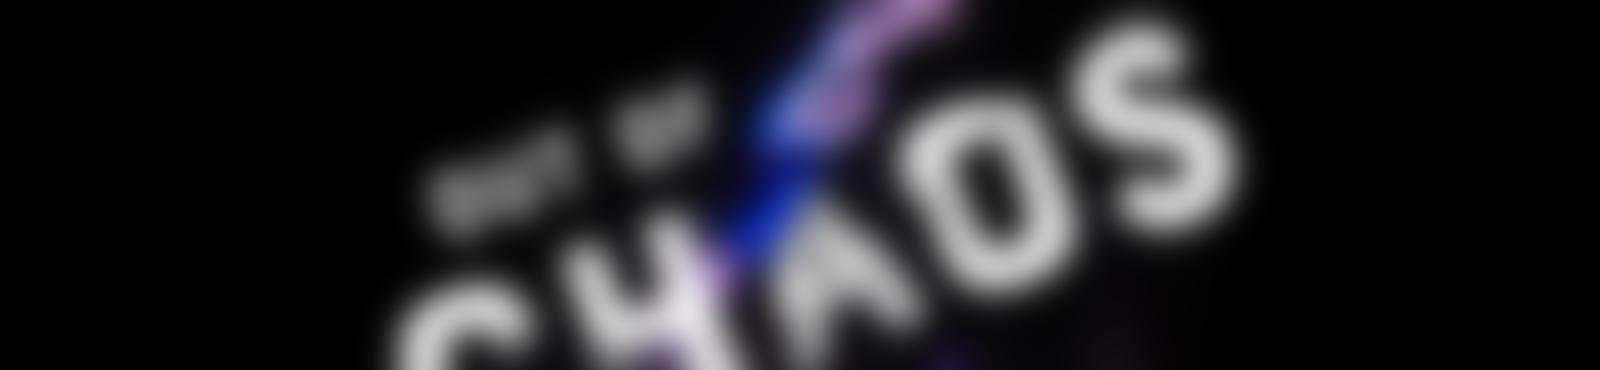 Blurred fb5e3e8c d654 43de a937 680424f6c9e4